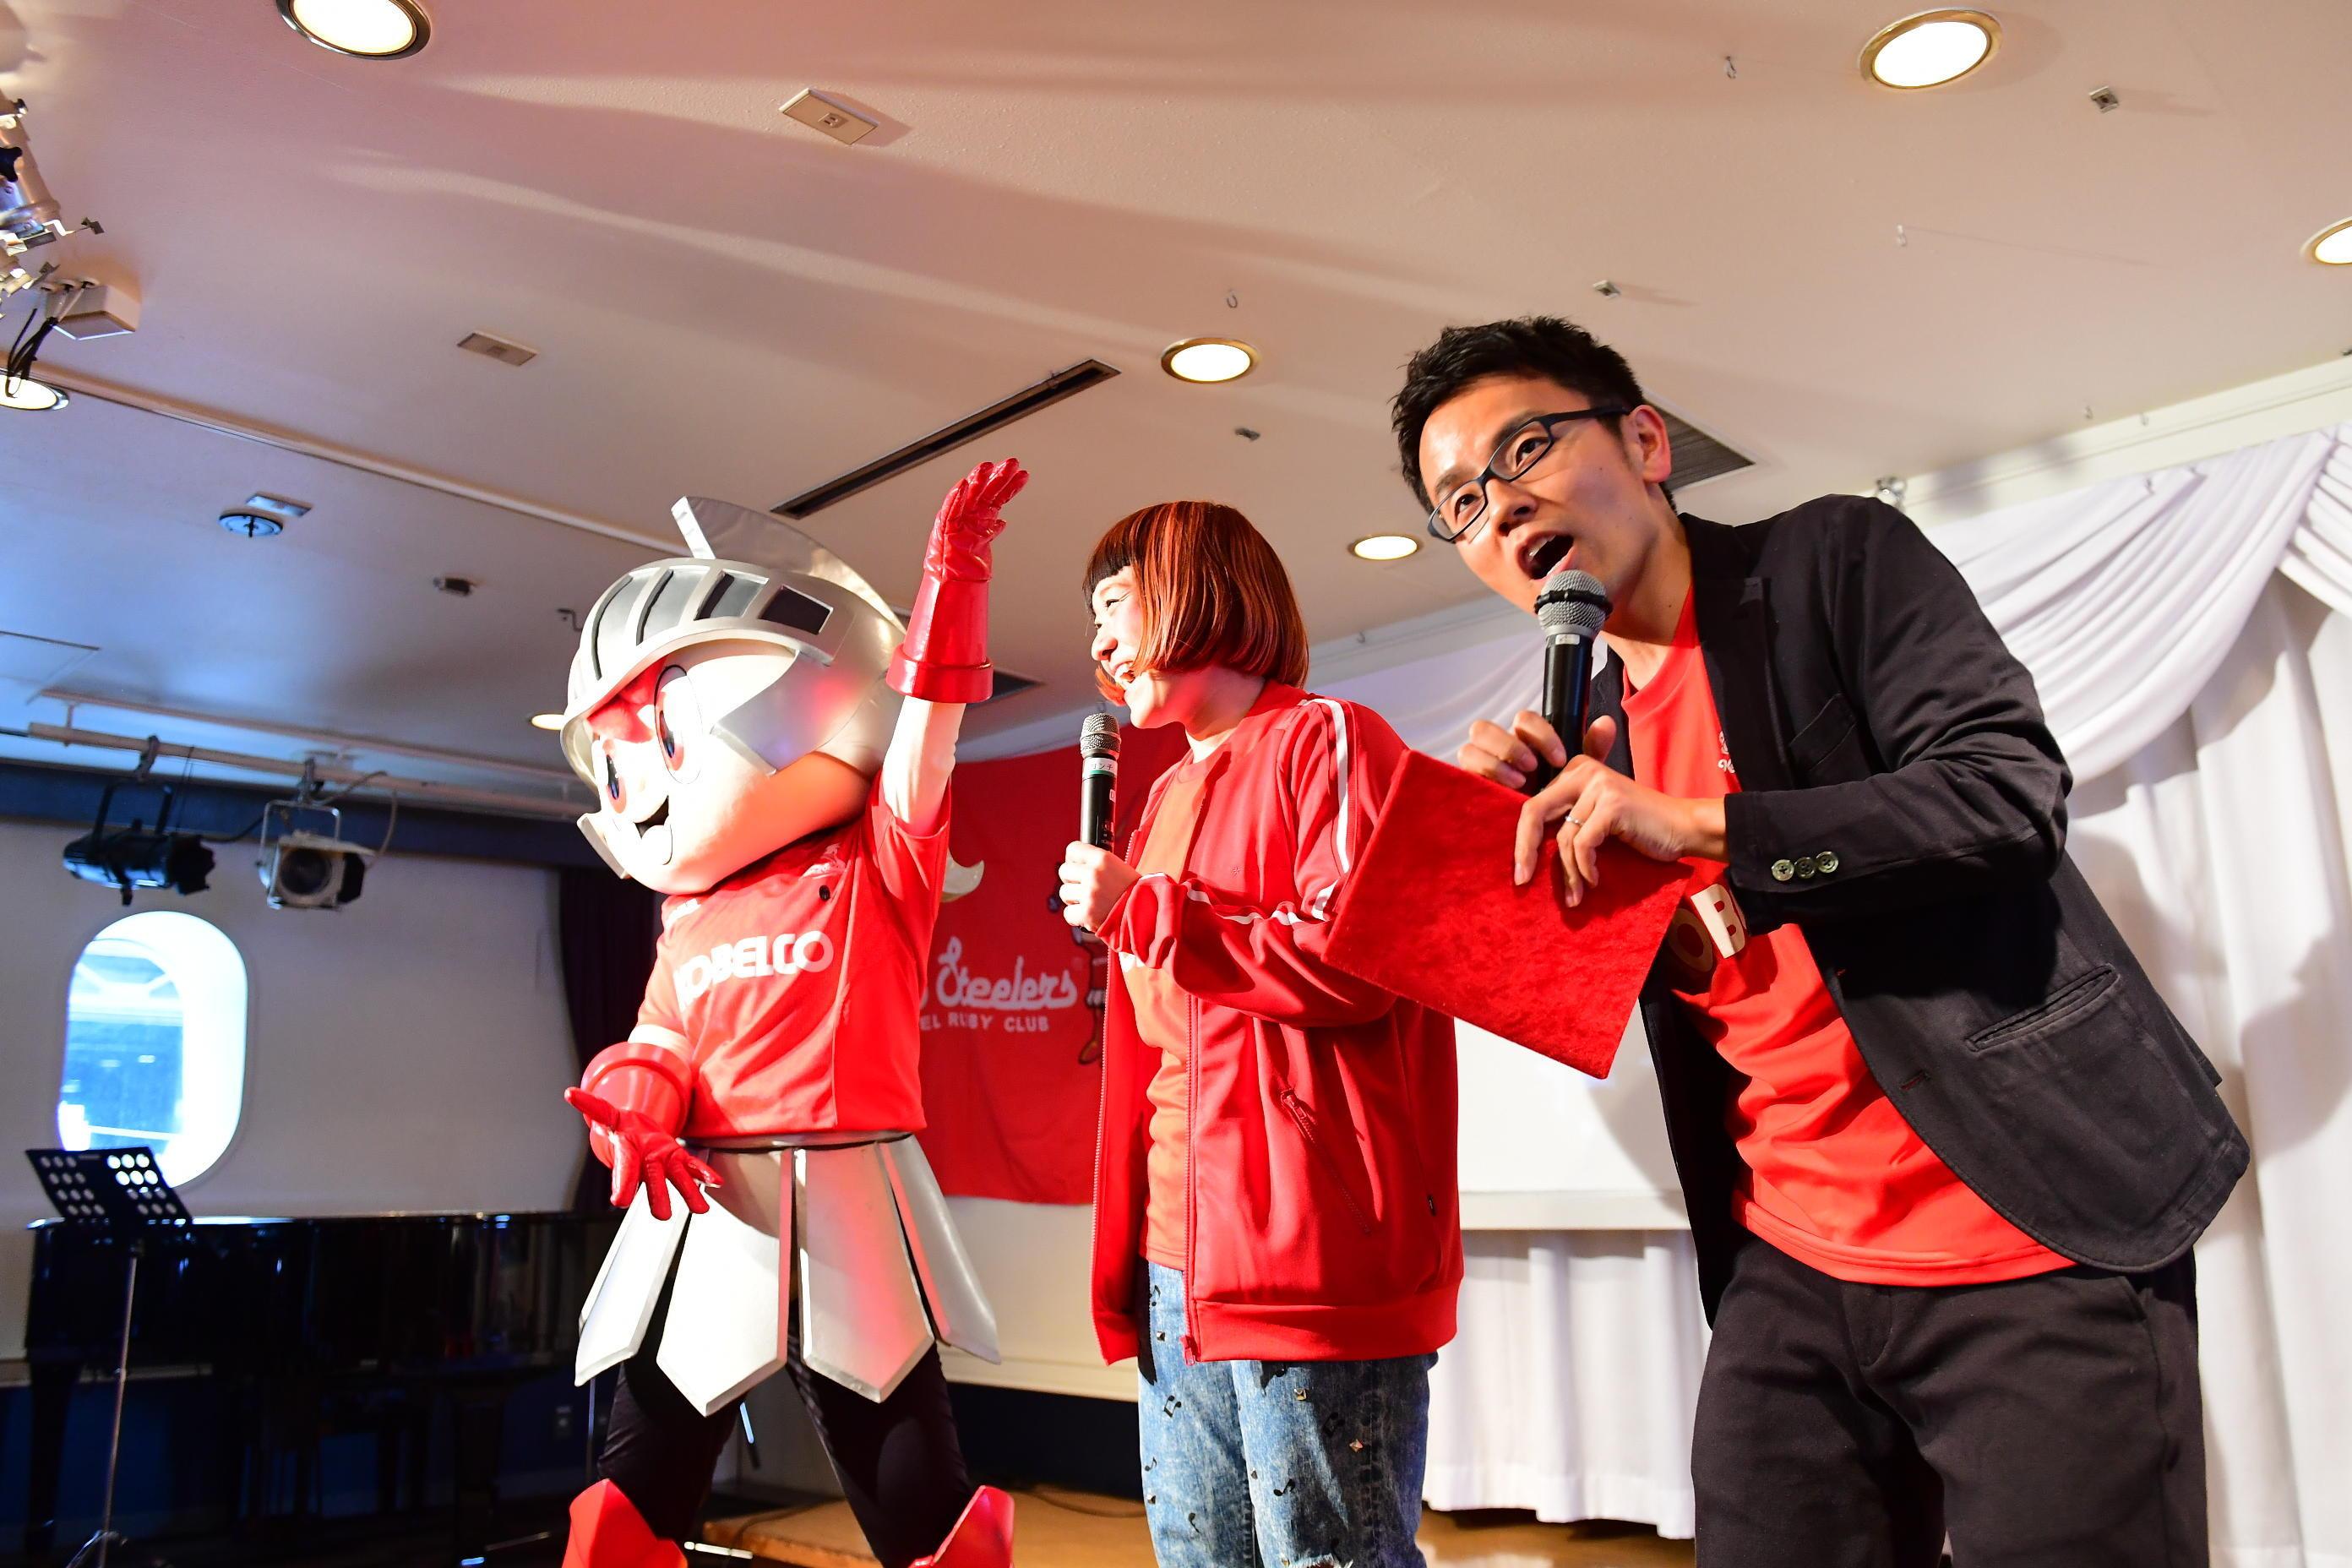 http://news.yoshimoto.co.jp/20170314165508-b31937251f3ee42b7c56ddc37b86832ecd4af2f8.jpg